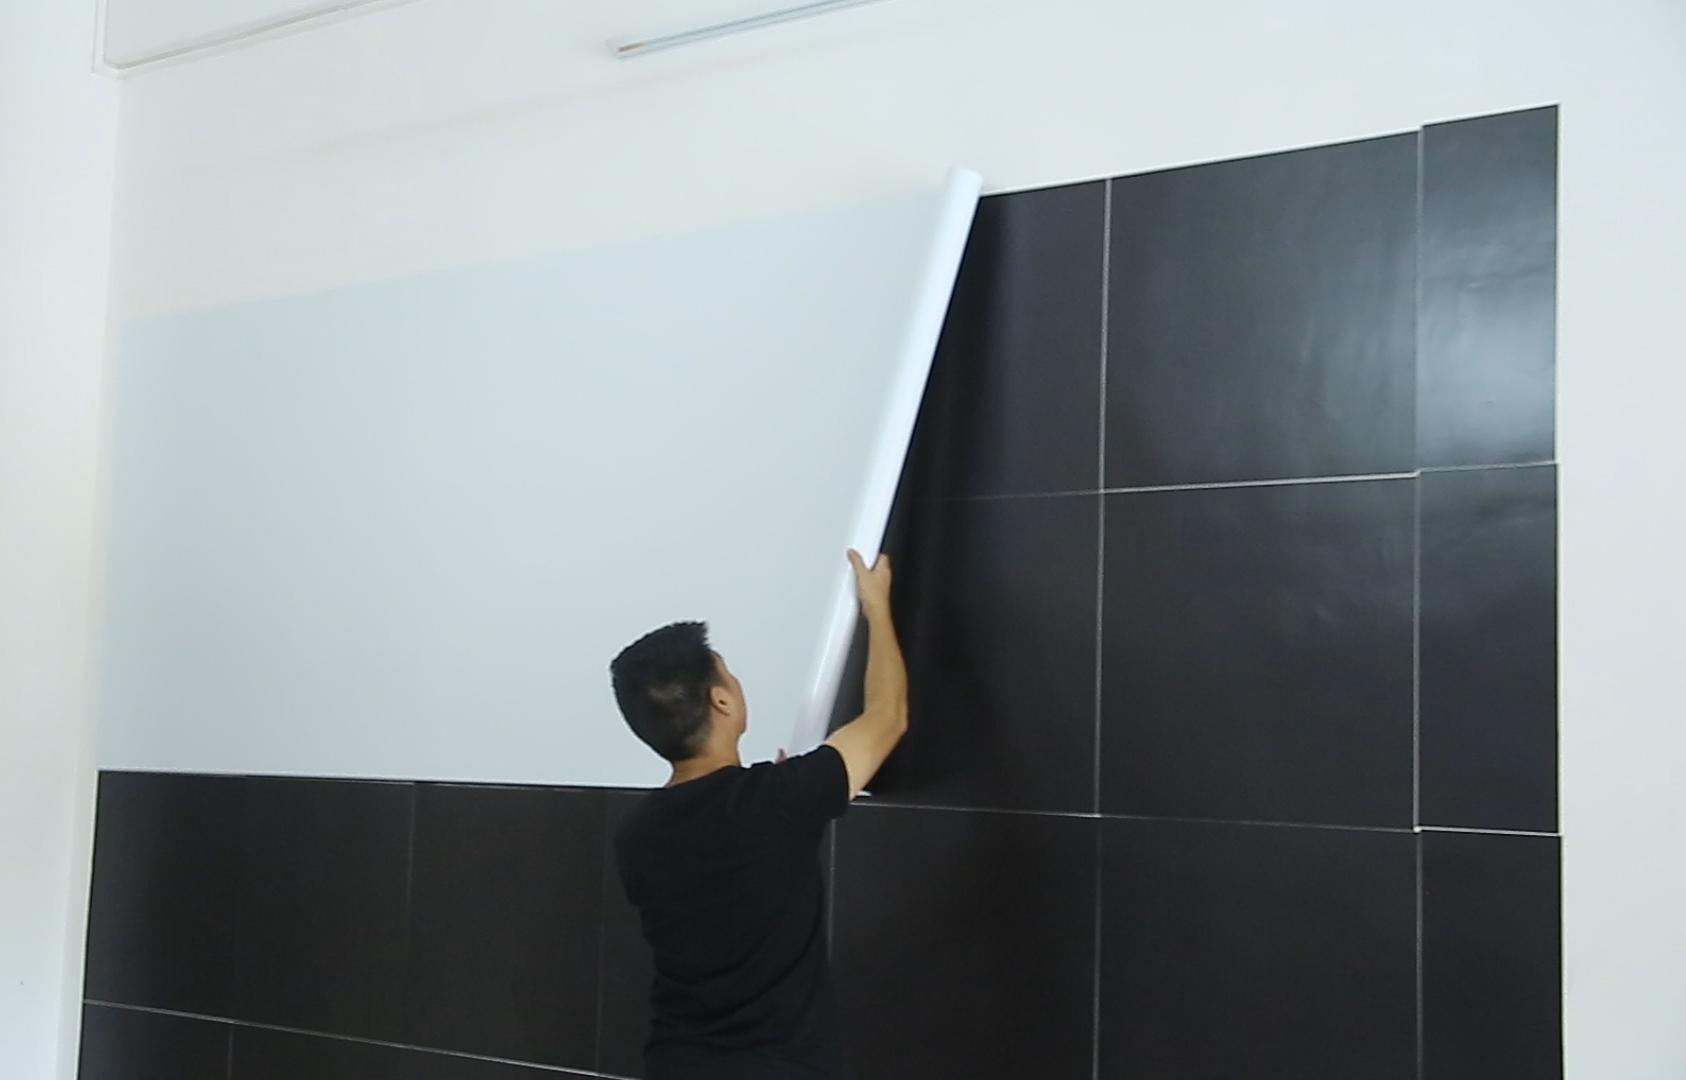 Whiteboard installation